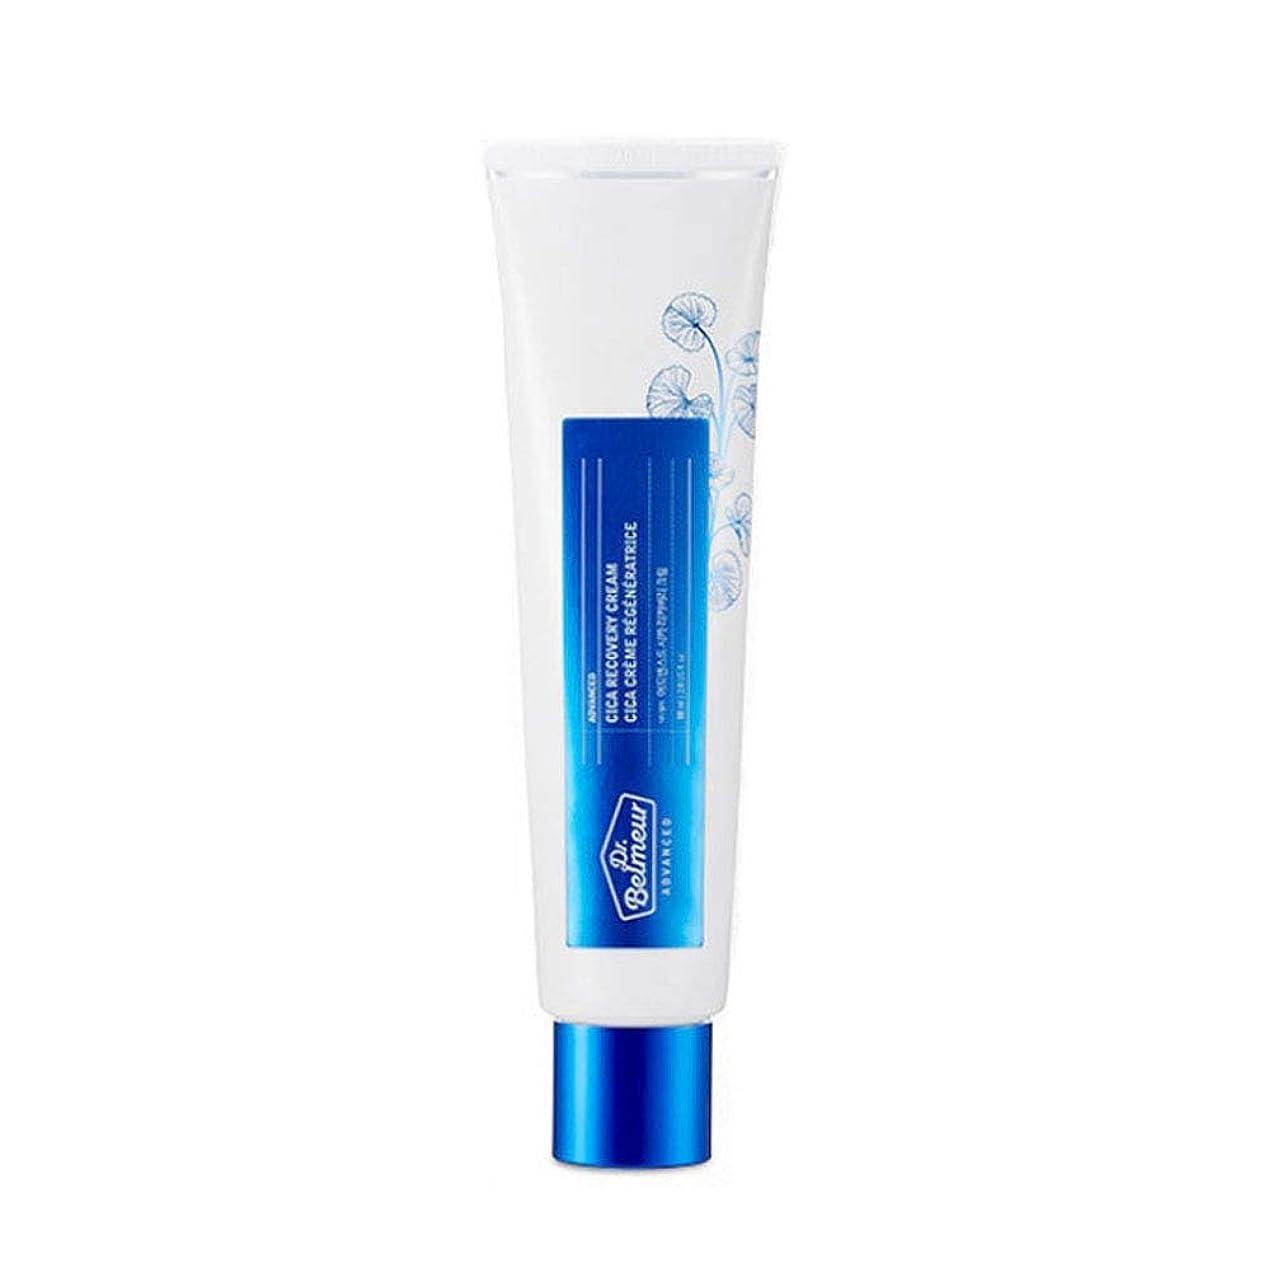 ハードウェア安いです溢れんばかりのザ?フェイスショップドクターベルモアドバンスドシカリカバリークリーム60ml 韓国コスメ、The Face Shop Dr.Belmeur Advanced Cica Recovery Cream 60ml Korean Cosmetics [並行輸入品]